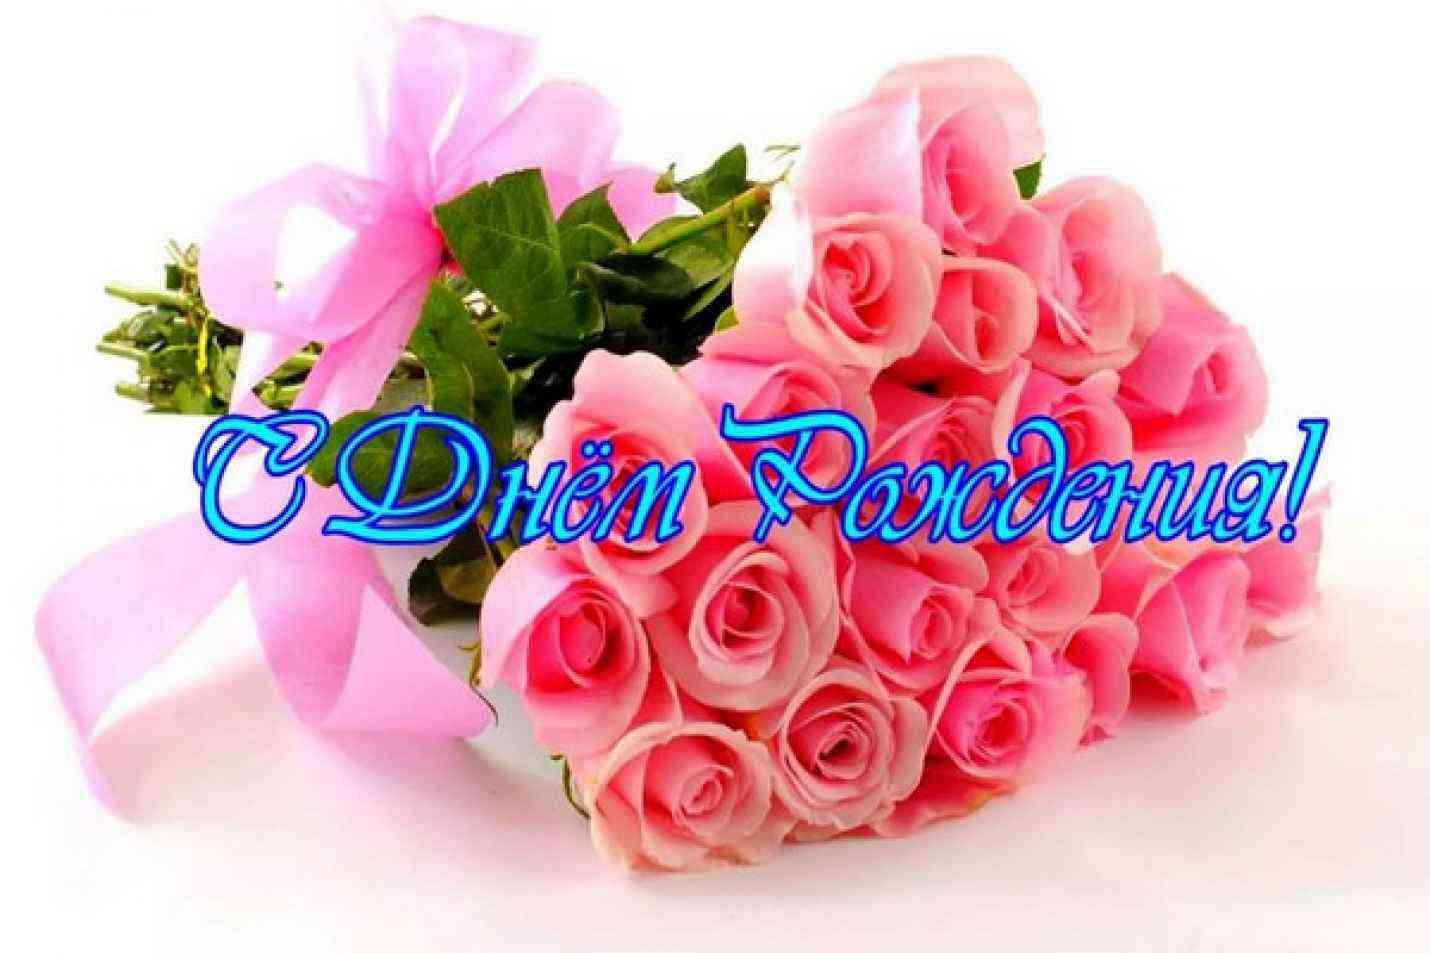 Картинки, фото открытки с днем рождения женщине с поздравлением цветы